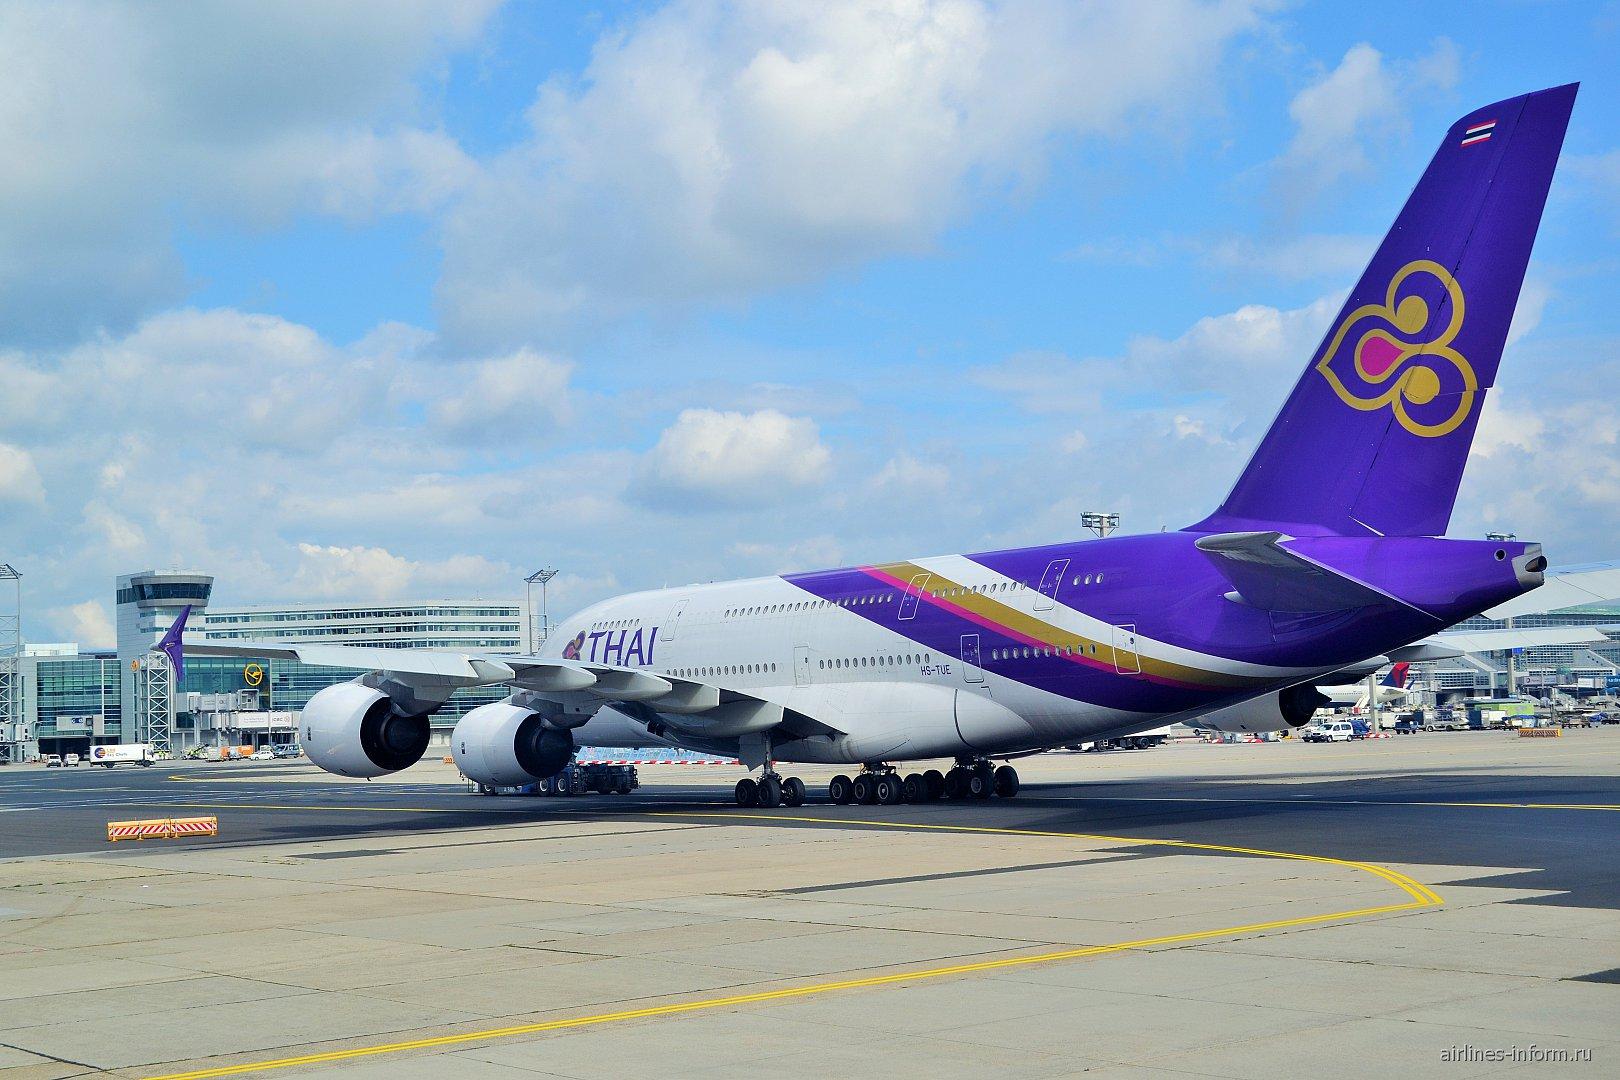 Airbus A380 Тайских авиалиний в аэропорту Франкфурт